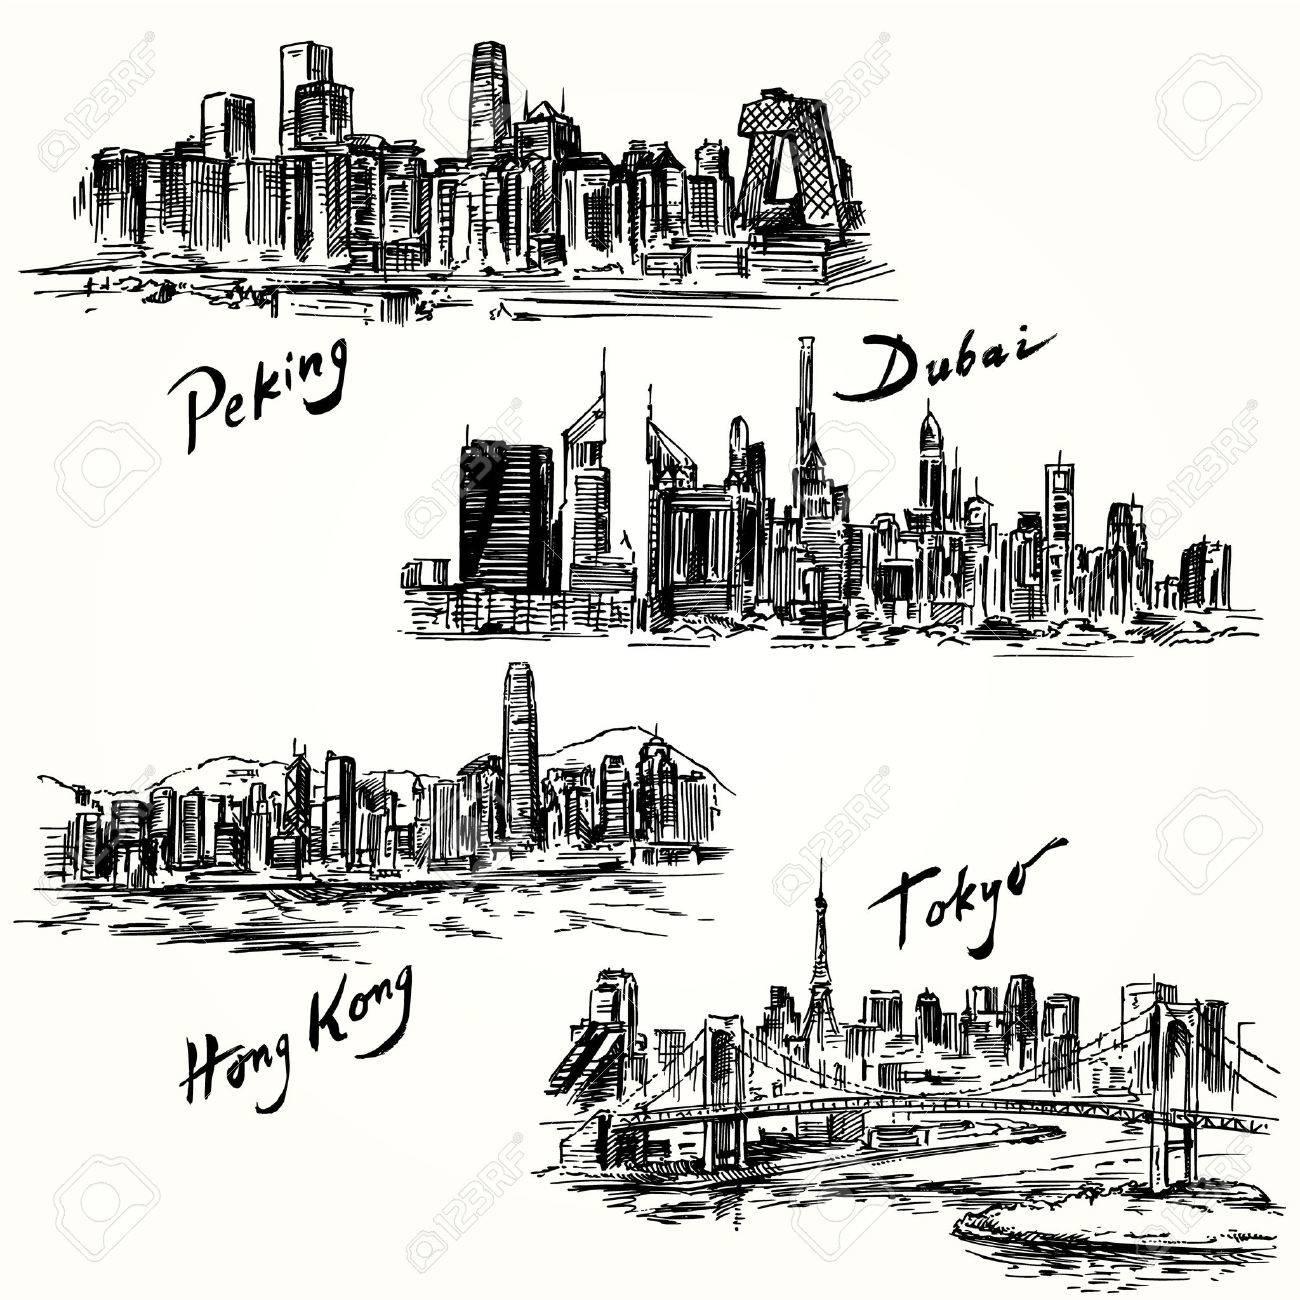 Tokyo, Peking, Hong Kong, Dubai - 29623785